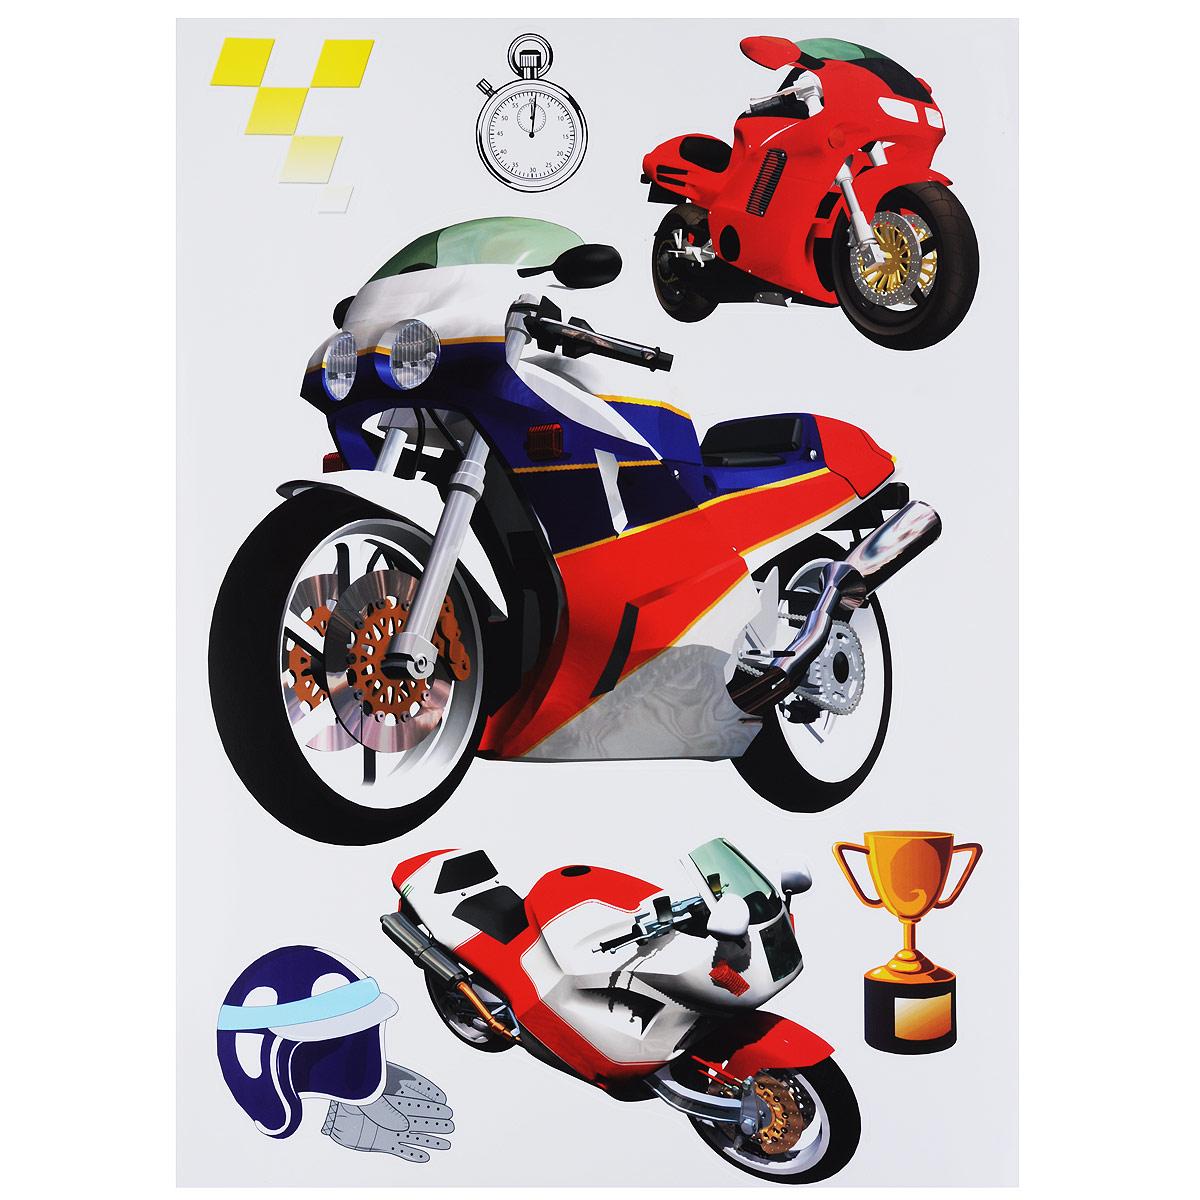 Наклейки для интерьера Стрекоза Мотоциклы, 48 х 65 см, 2 шт. HD-05133427Наклейки для стен и предметов интерьера Стрекоза Мотоциклы, изготовленные из экологически безопасной самоклеящейся пленки - это удивительно простой и быстрый способ оживить интерьер помещения. На каждом из двух листов расположены наклейки с разными мотоциклами, кубком, шлемом с перчатками, спидометром. Интерьерные наклейки дадут вам вдохновение, которое изменит вашу жизнь и поможет погрузиться в мир ярких красок, фантазий и творчества. Для вас открываются безграничные возможности придумать оригинальный дизайн и придать новый вид стенам и мебели. Наклейки абсолютно безопасны для здоровья. Они быстро и легко наклеиваются на любые ровные поверхности: стены, окна, двери, кафельную плитку, виниловые и флизелиновые обои, стекла, мебель. При необходимости удобно снимаются, не оставляют следов и не повреждают поверхность (кроме бумажных обоев). Наклейки Стрекоза Мотоциклы помогут вам изменить интерьер вокруг себя: в детской комнате и гостиной, на кухне и в прихожей,...